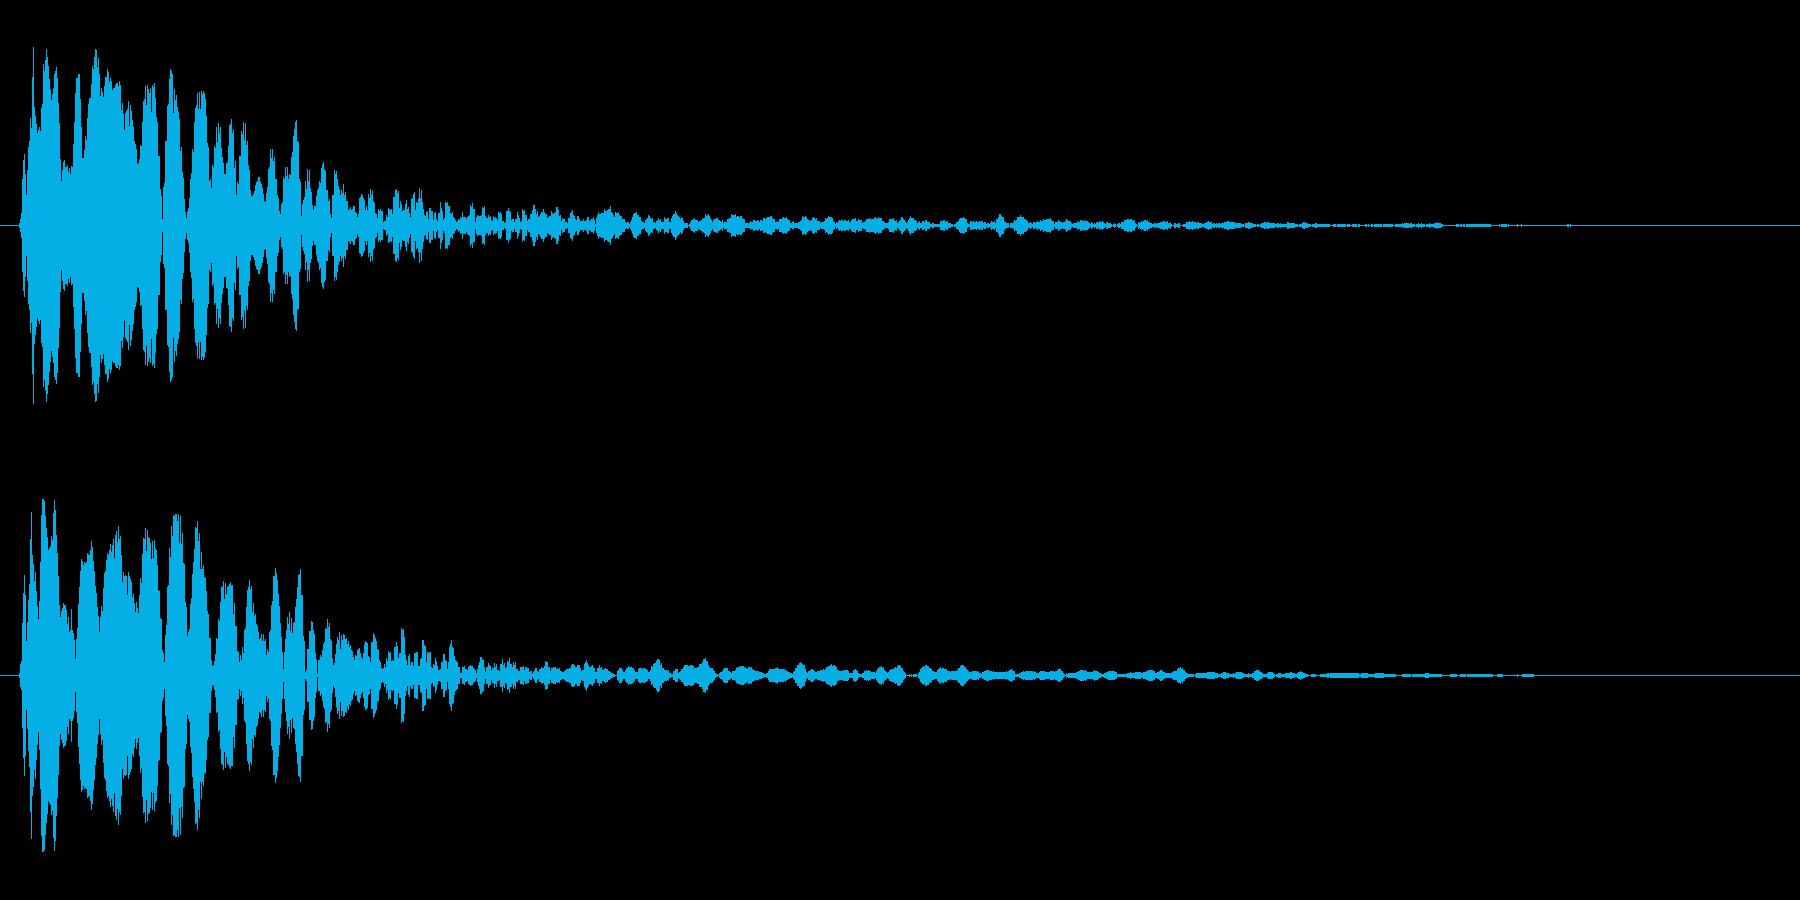 キューン(吸い込まれるような効果音)の再生済みの波形